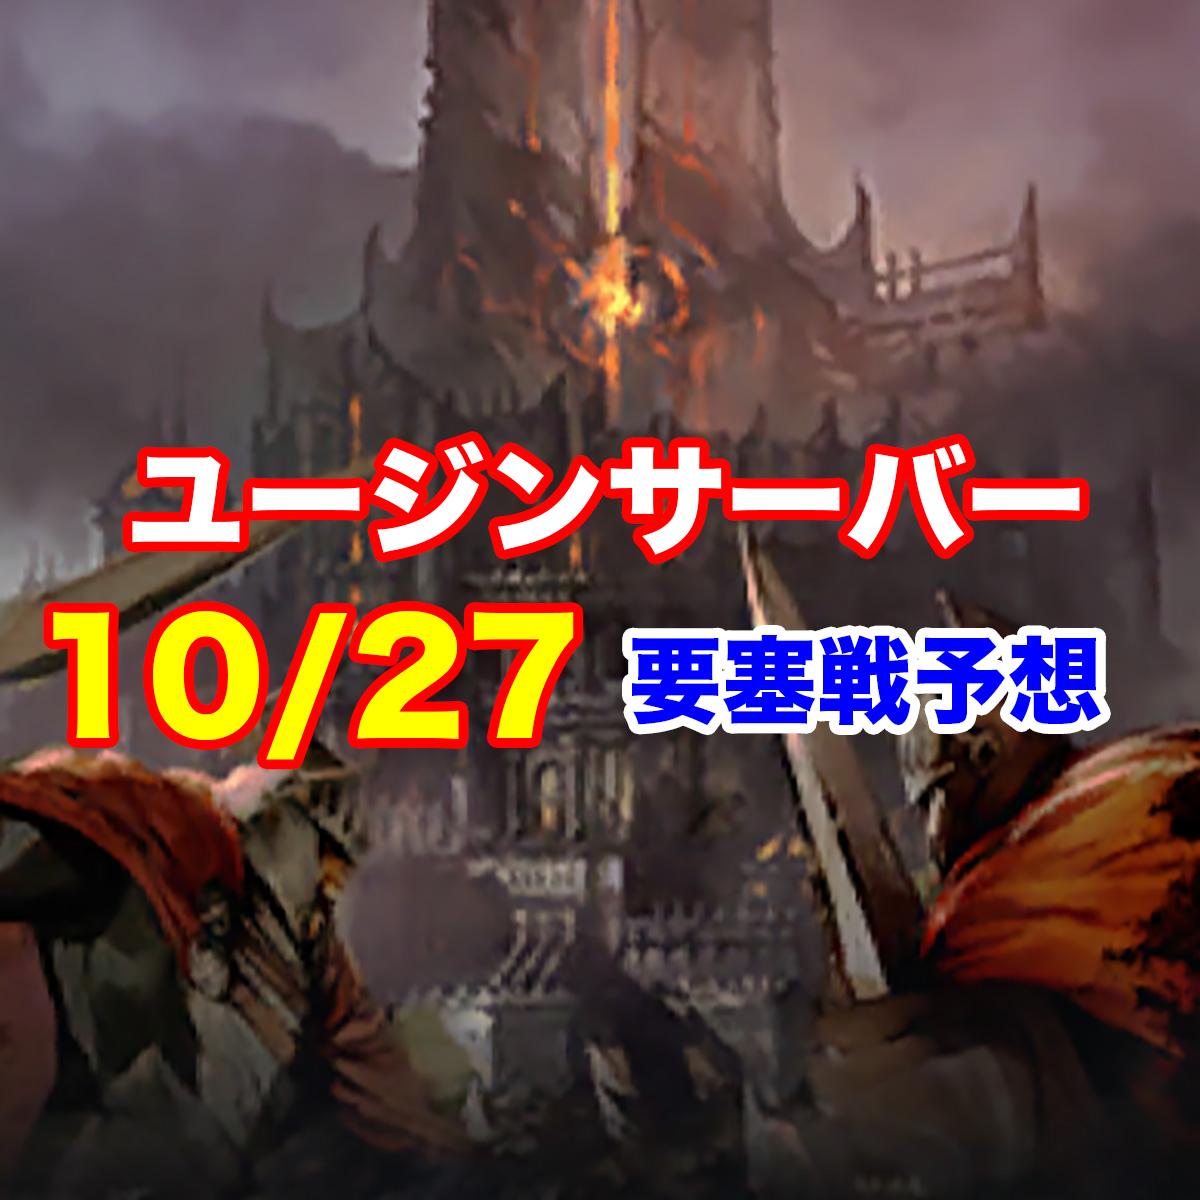 10/27 要塞戦予想